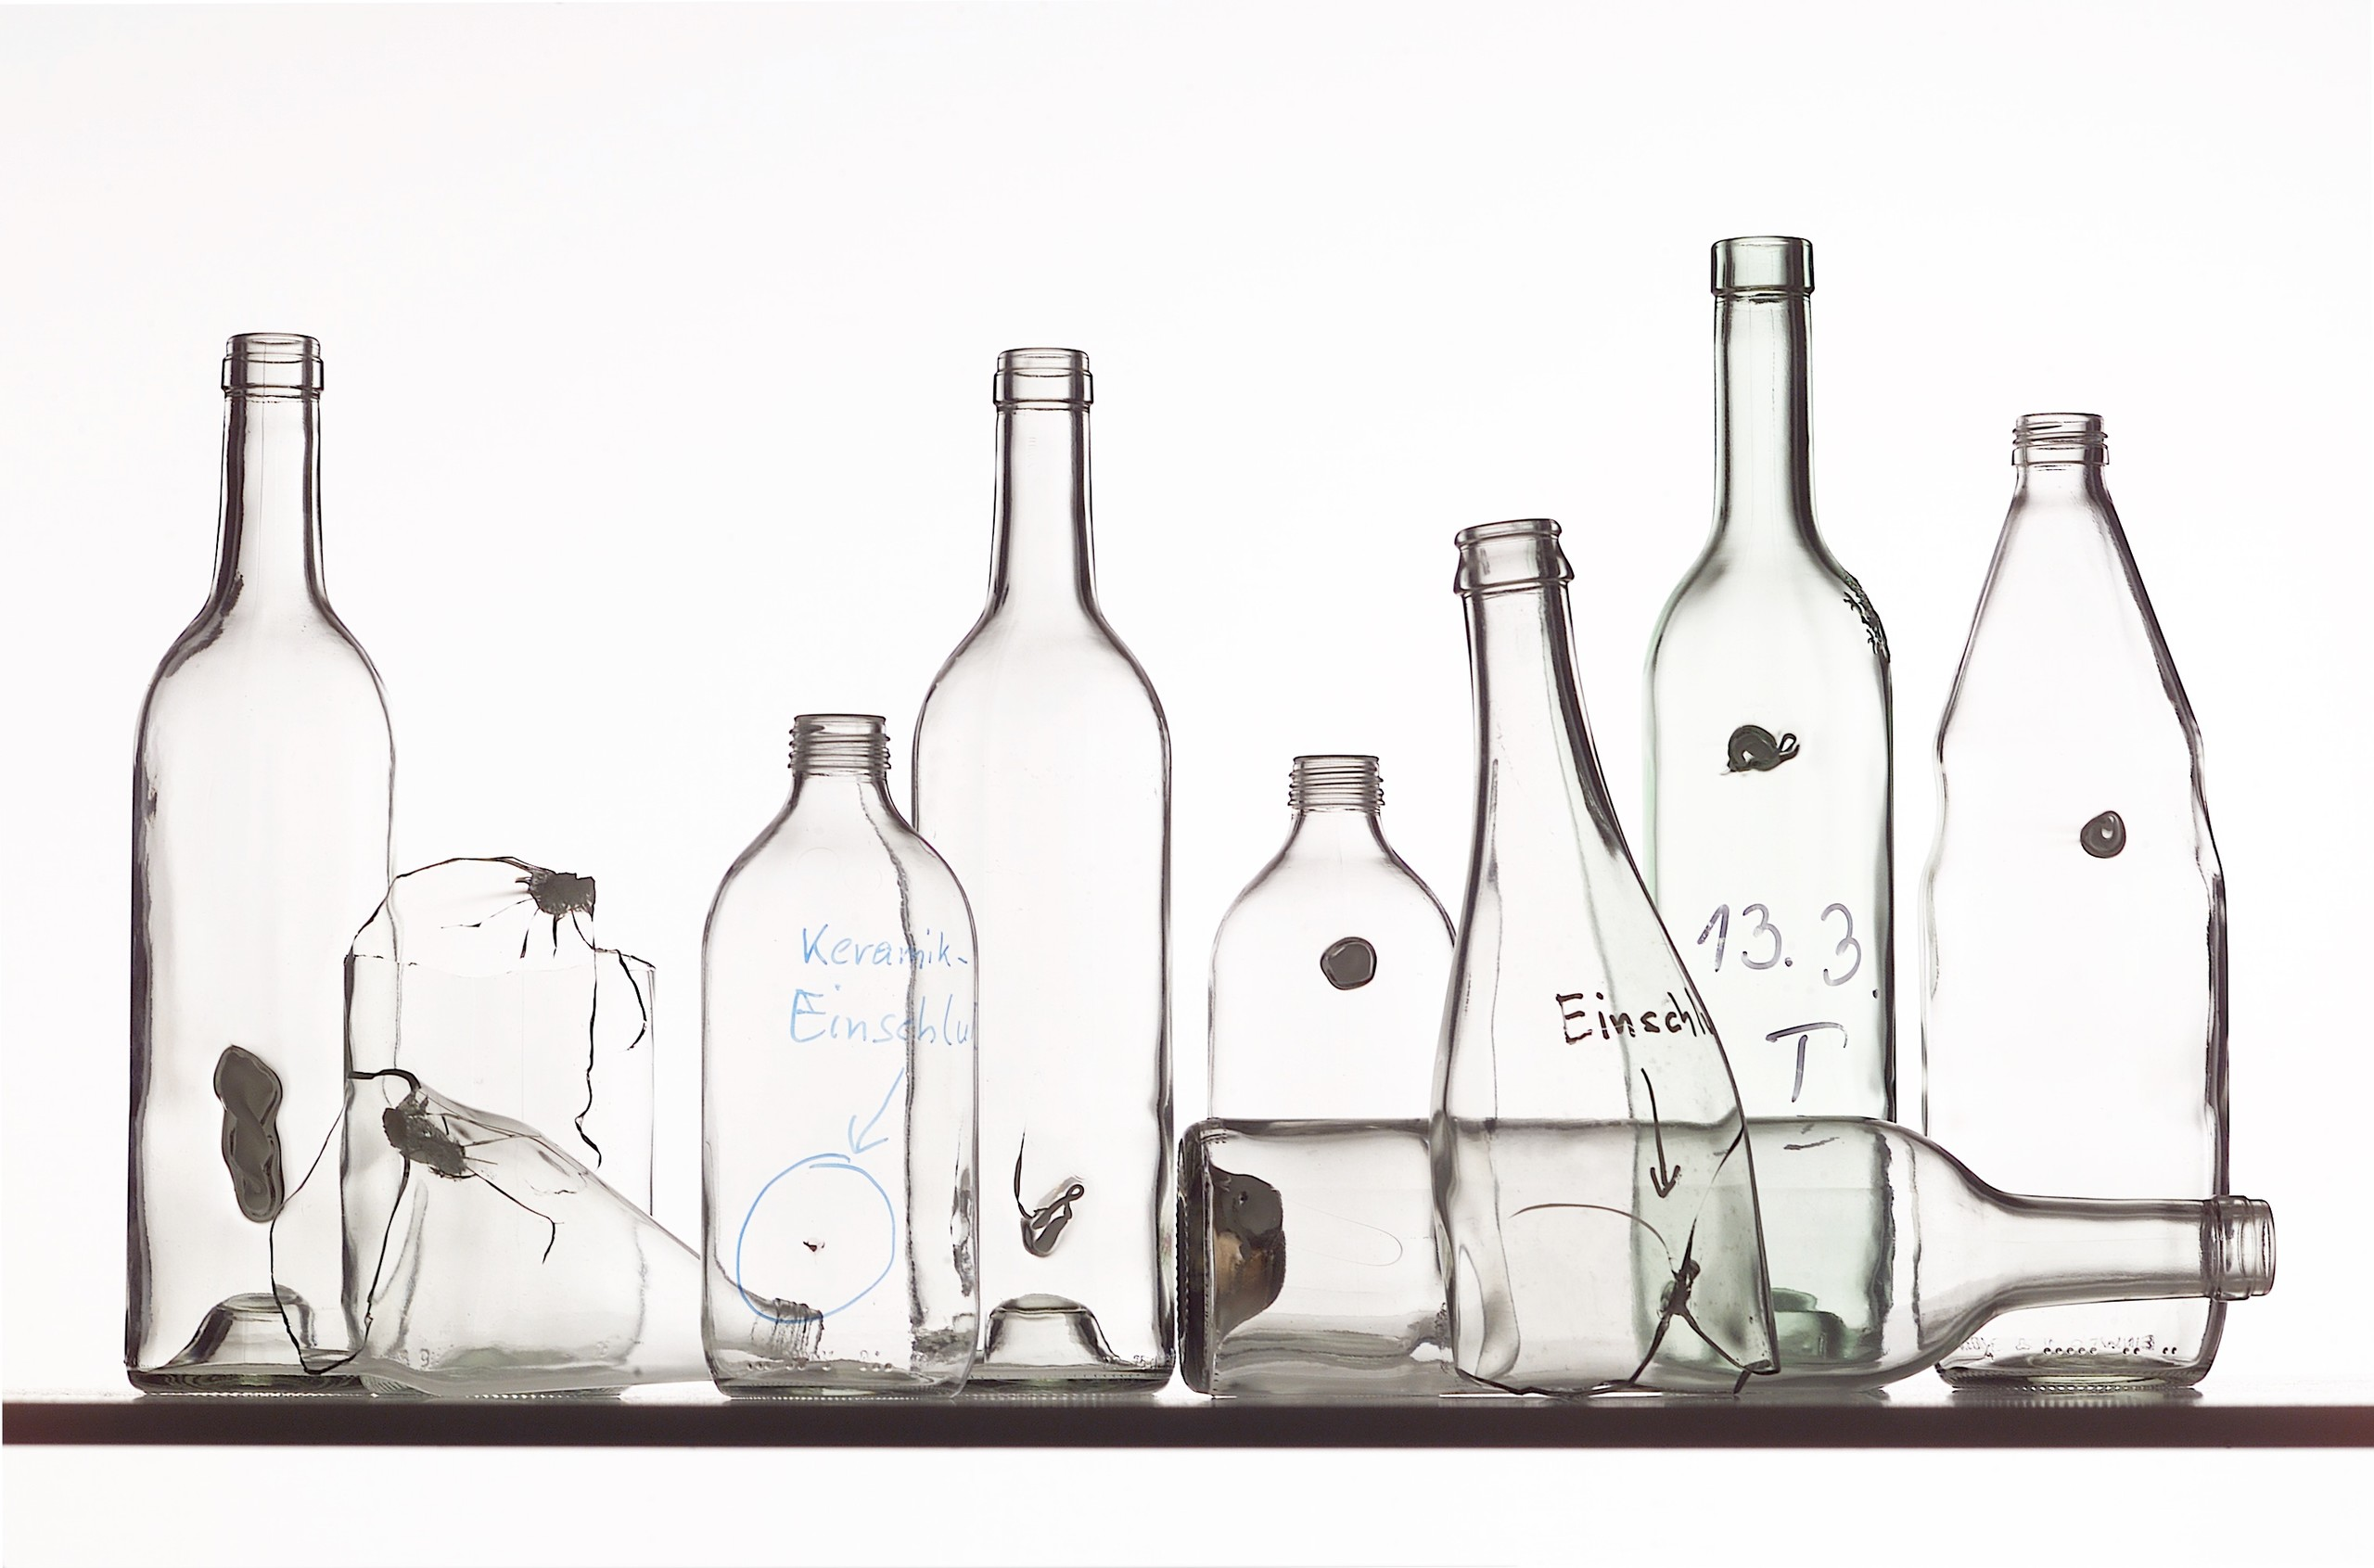 Mehrere durchsichtige Flaschen, die alle fehlerhaft sind, da sie sogenannte Einschlüsse aus anderen Materialien enthalten.